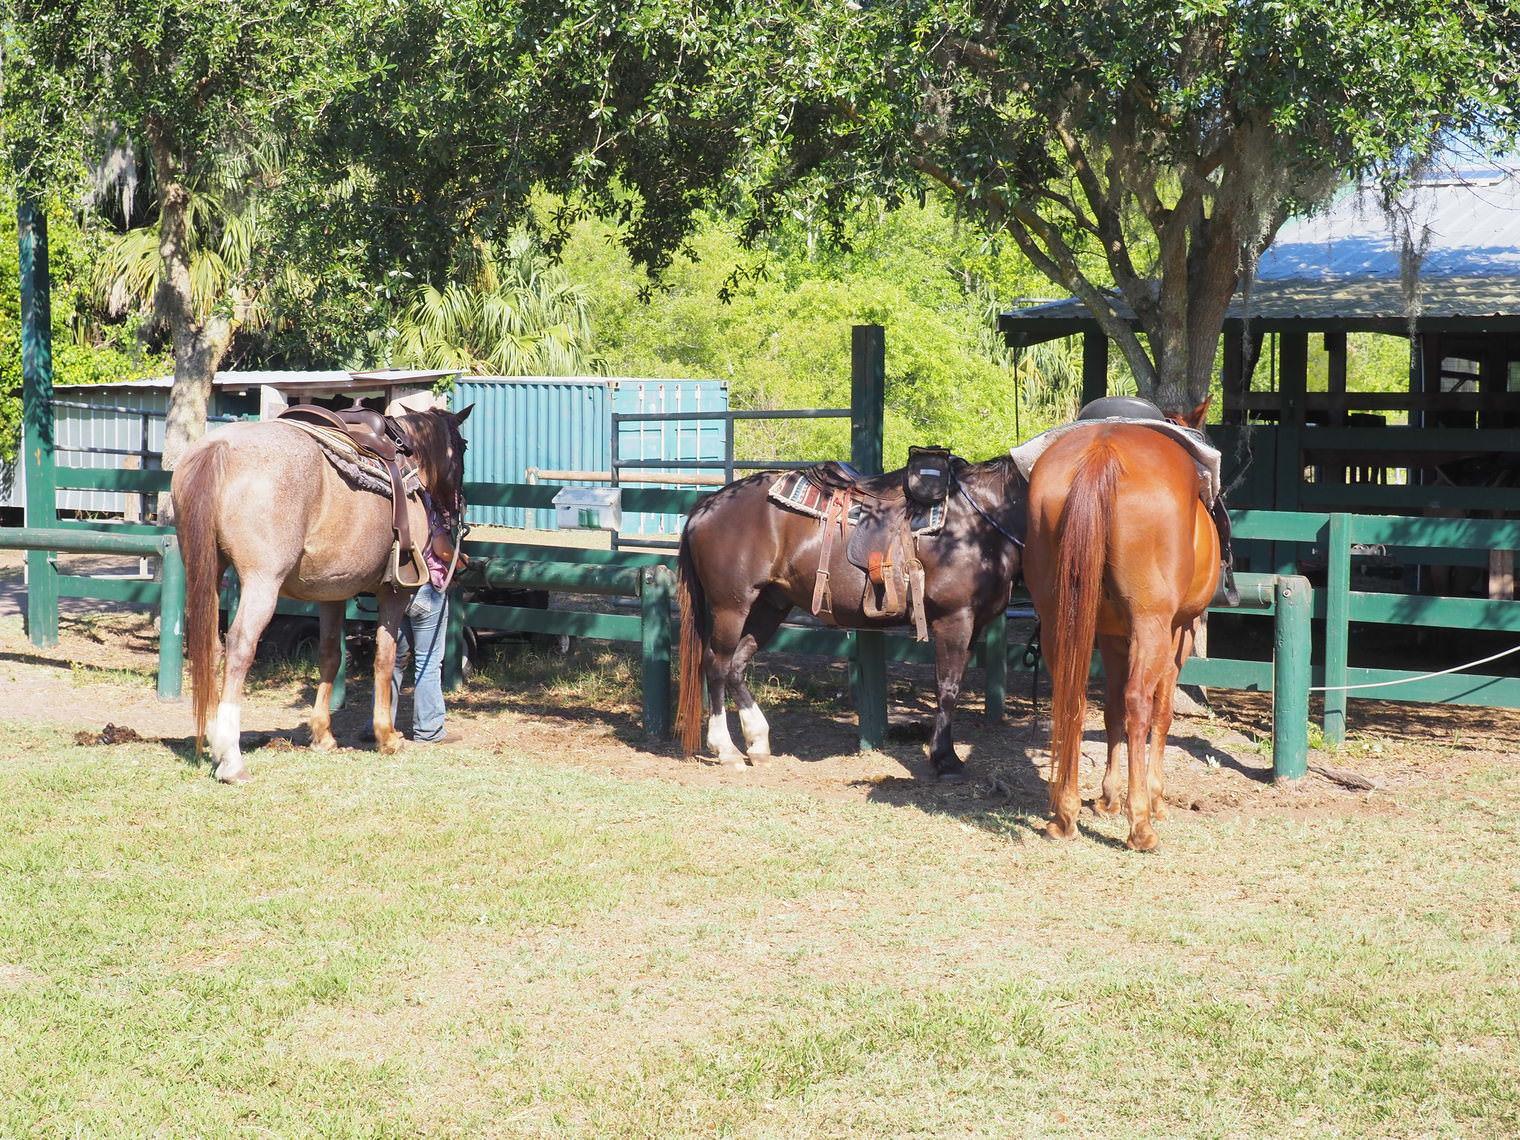 kissimmee_horseback_riding_forever_florida (1)